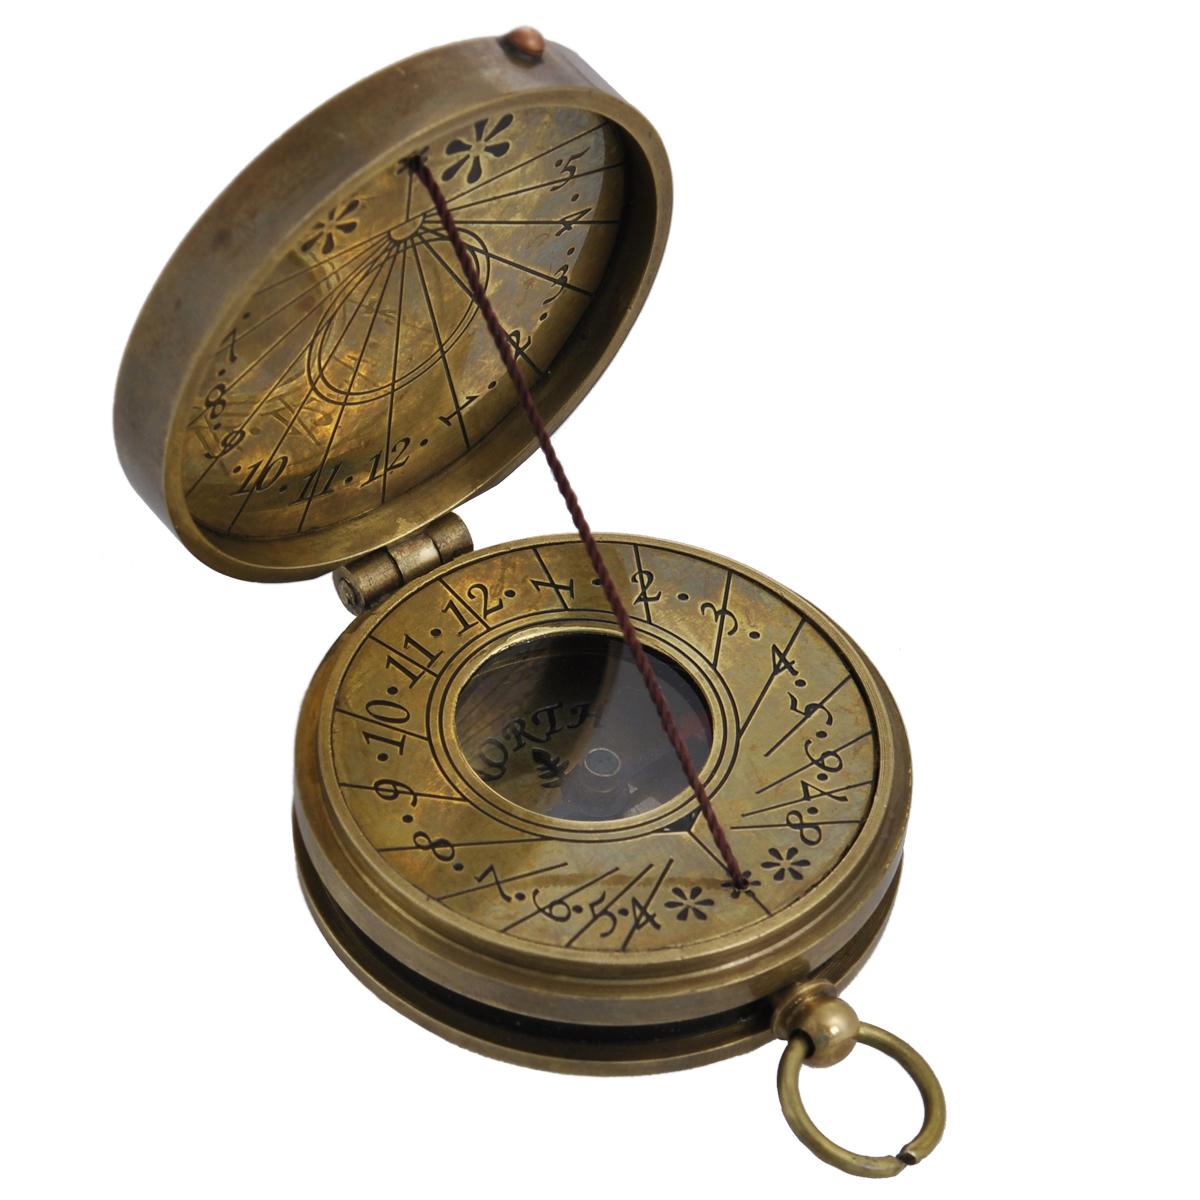 Сувенир настольный Солнечные часы и компас. 35811RG-D31SНастольный сувенир, выполнен в виде старинных солнечных часов с внутренним магнитным компасом. Корпус выполнен из латуни и украшен надписью «Coronation Of Elezabeth Ii June - 1953» на крышке. Циферблат компаса имеет обозначение севера: North. Циферблат солнечных часов оформлен арабскими цифрами, также арабскими цифрами оформлена внутренняя сторона крышки. Такой сувенир станет прекрасным подарком человеку, любящему красивые, но в тоже время практичные вещи, способные украсить интерьер офиса или дома.Характеристики: Материал: металл (латунь), стекло.Размер корпуса (ДхШхВ): 5,5 см х 4,5 см х 1,5 см.Диаметр циферблата компаса: 1,9 см.